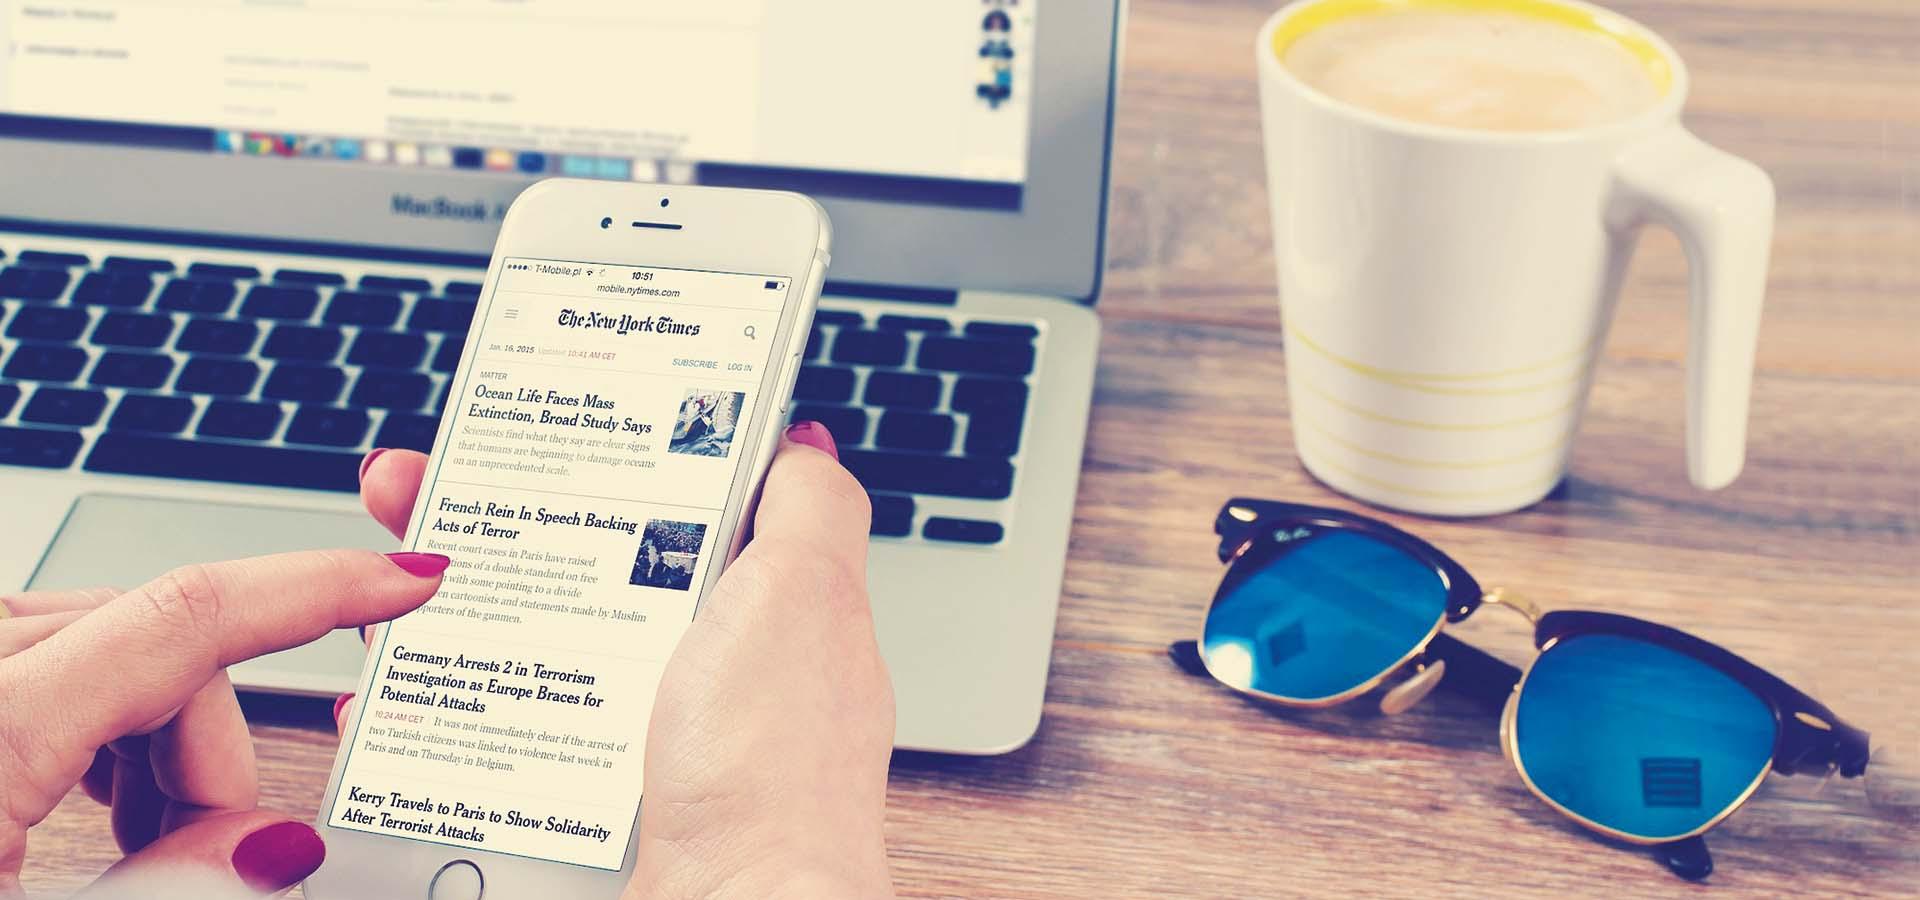 Push Nachrichten - Marketingkanal mit hohen Response-Raten